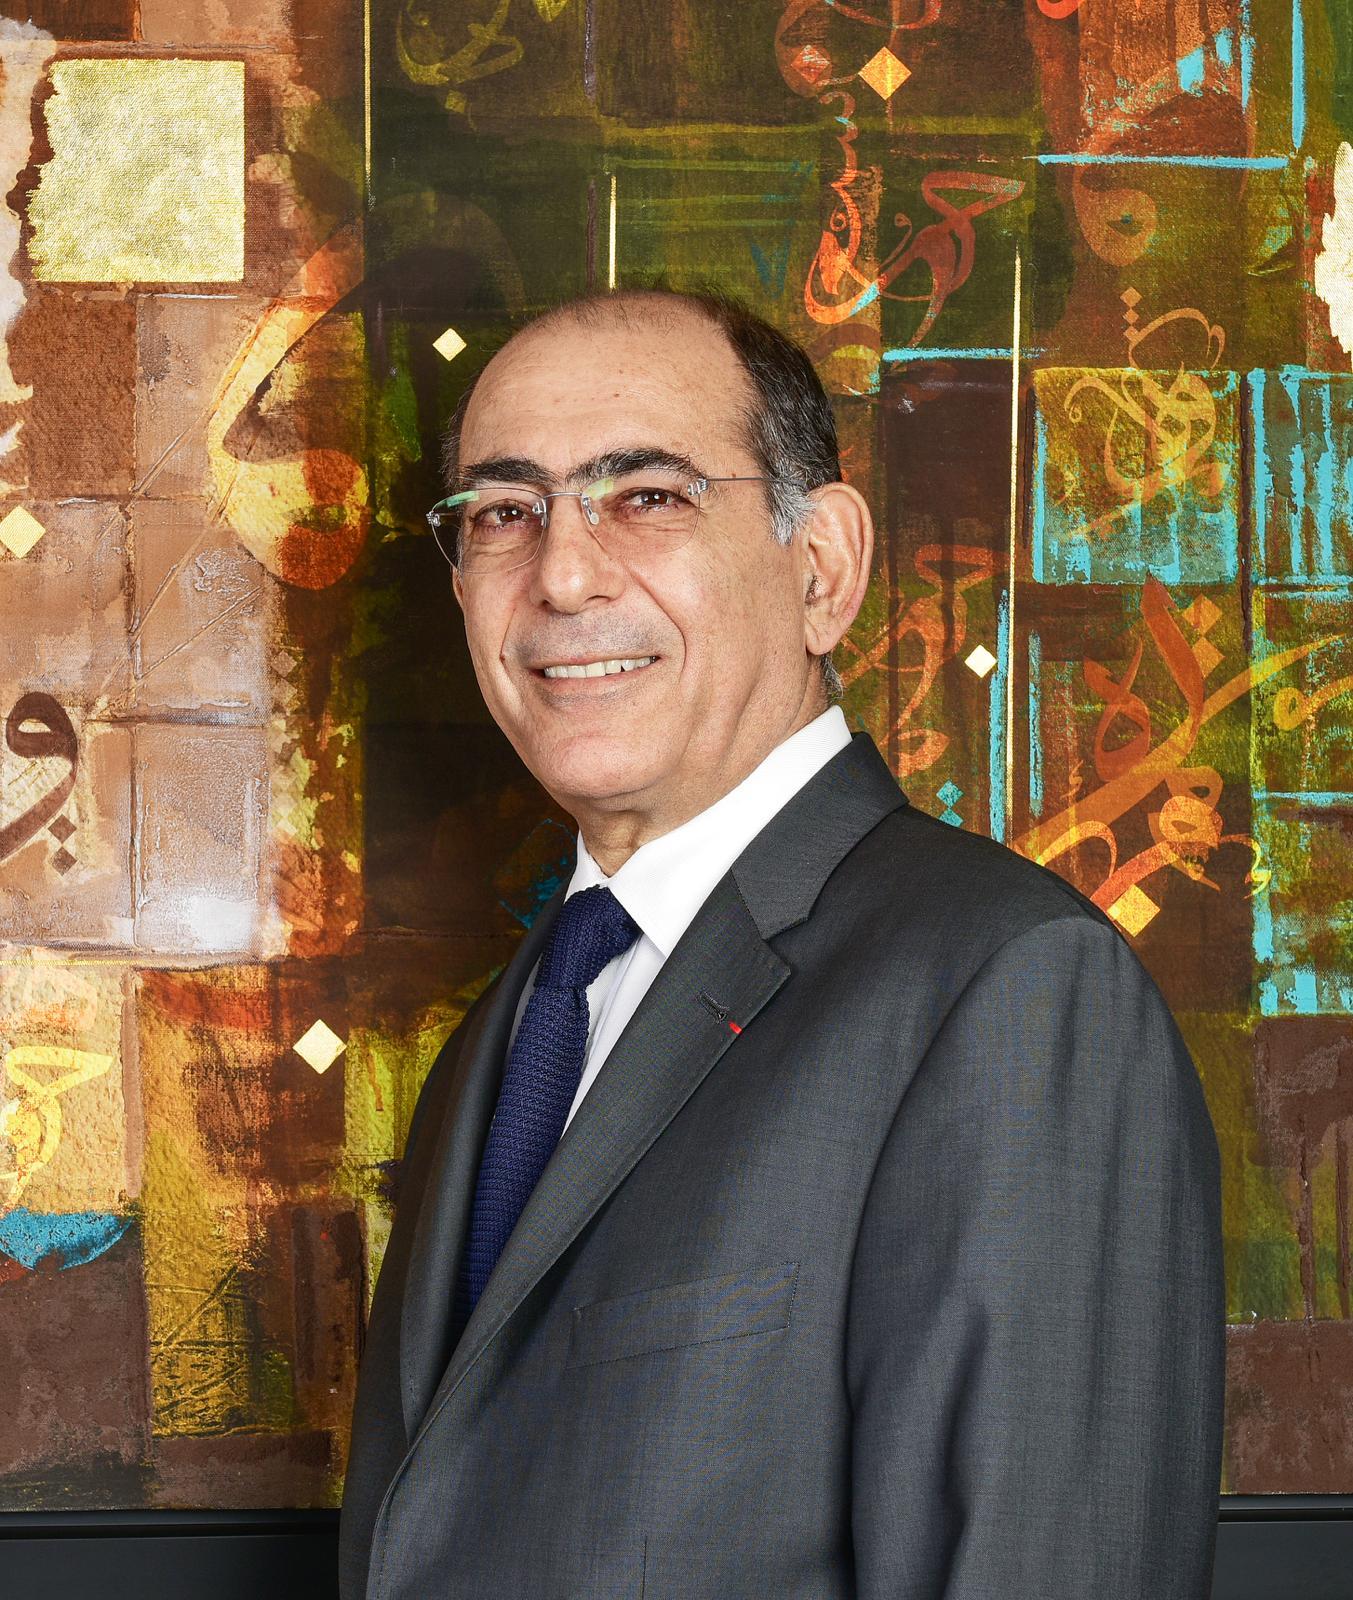 Anthony Chalhoub